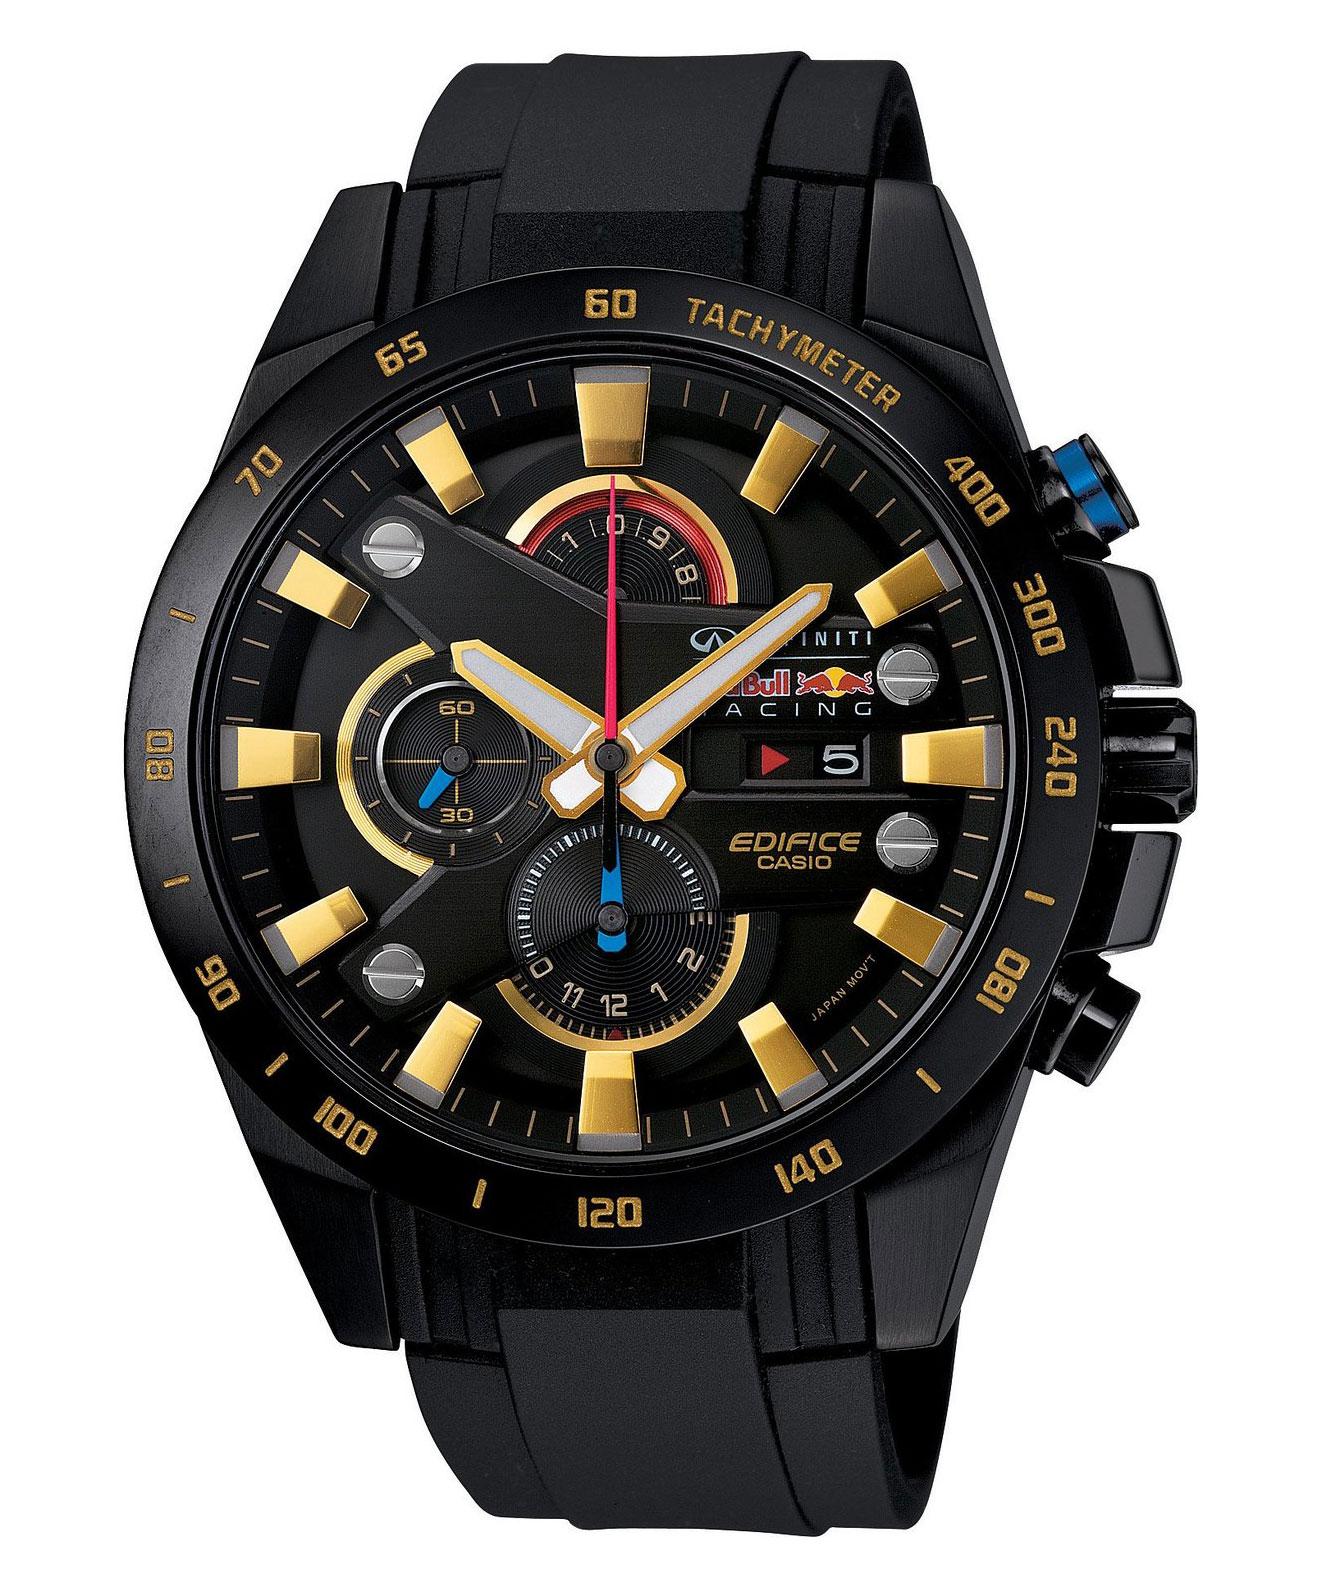 Часы мужские наручные Casio, цвет: черный, золотистый. EFR-540RBP-1ABM8241-01EEСтильные мужские часы Casio EDIFICE выполнены из нержавеющей стали и минерального стекла. Изделие оформлено символикой бренда. В часах предусмотрен аналоговый отсчет времени.Функция мирового временипозволяет мгновенно выяснять текущее время в любой точке земного шара. Функция секундомера позволит замерять прошедшее время в пределах тысячи часовс точностью 1/100 секунды, предусмотрен будильник. Степень влагозащиты 10 atm. Изделие дополнено ремешком из полимерного материала, который обладает антибактериальными и запахоустойчивыми свойствами. Ремешок застегивается на пряжку, позволяющую максимально комфортно и быстро снимать и одевать часы.Часы поставляются в фирменной упаковке.Многофункциональные часы Casio EDIFICE подчеркнут мужской характер и отменное чувство стиля у их обладателя.